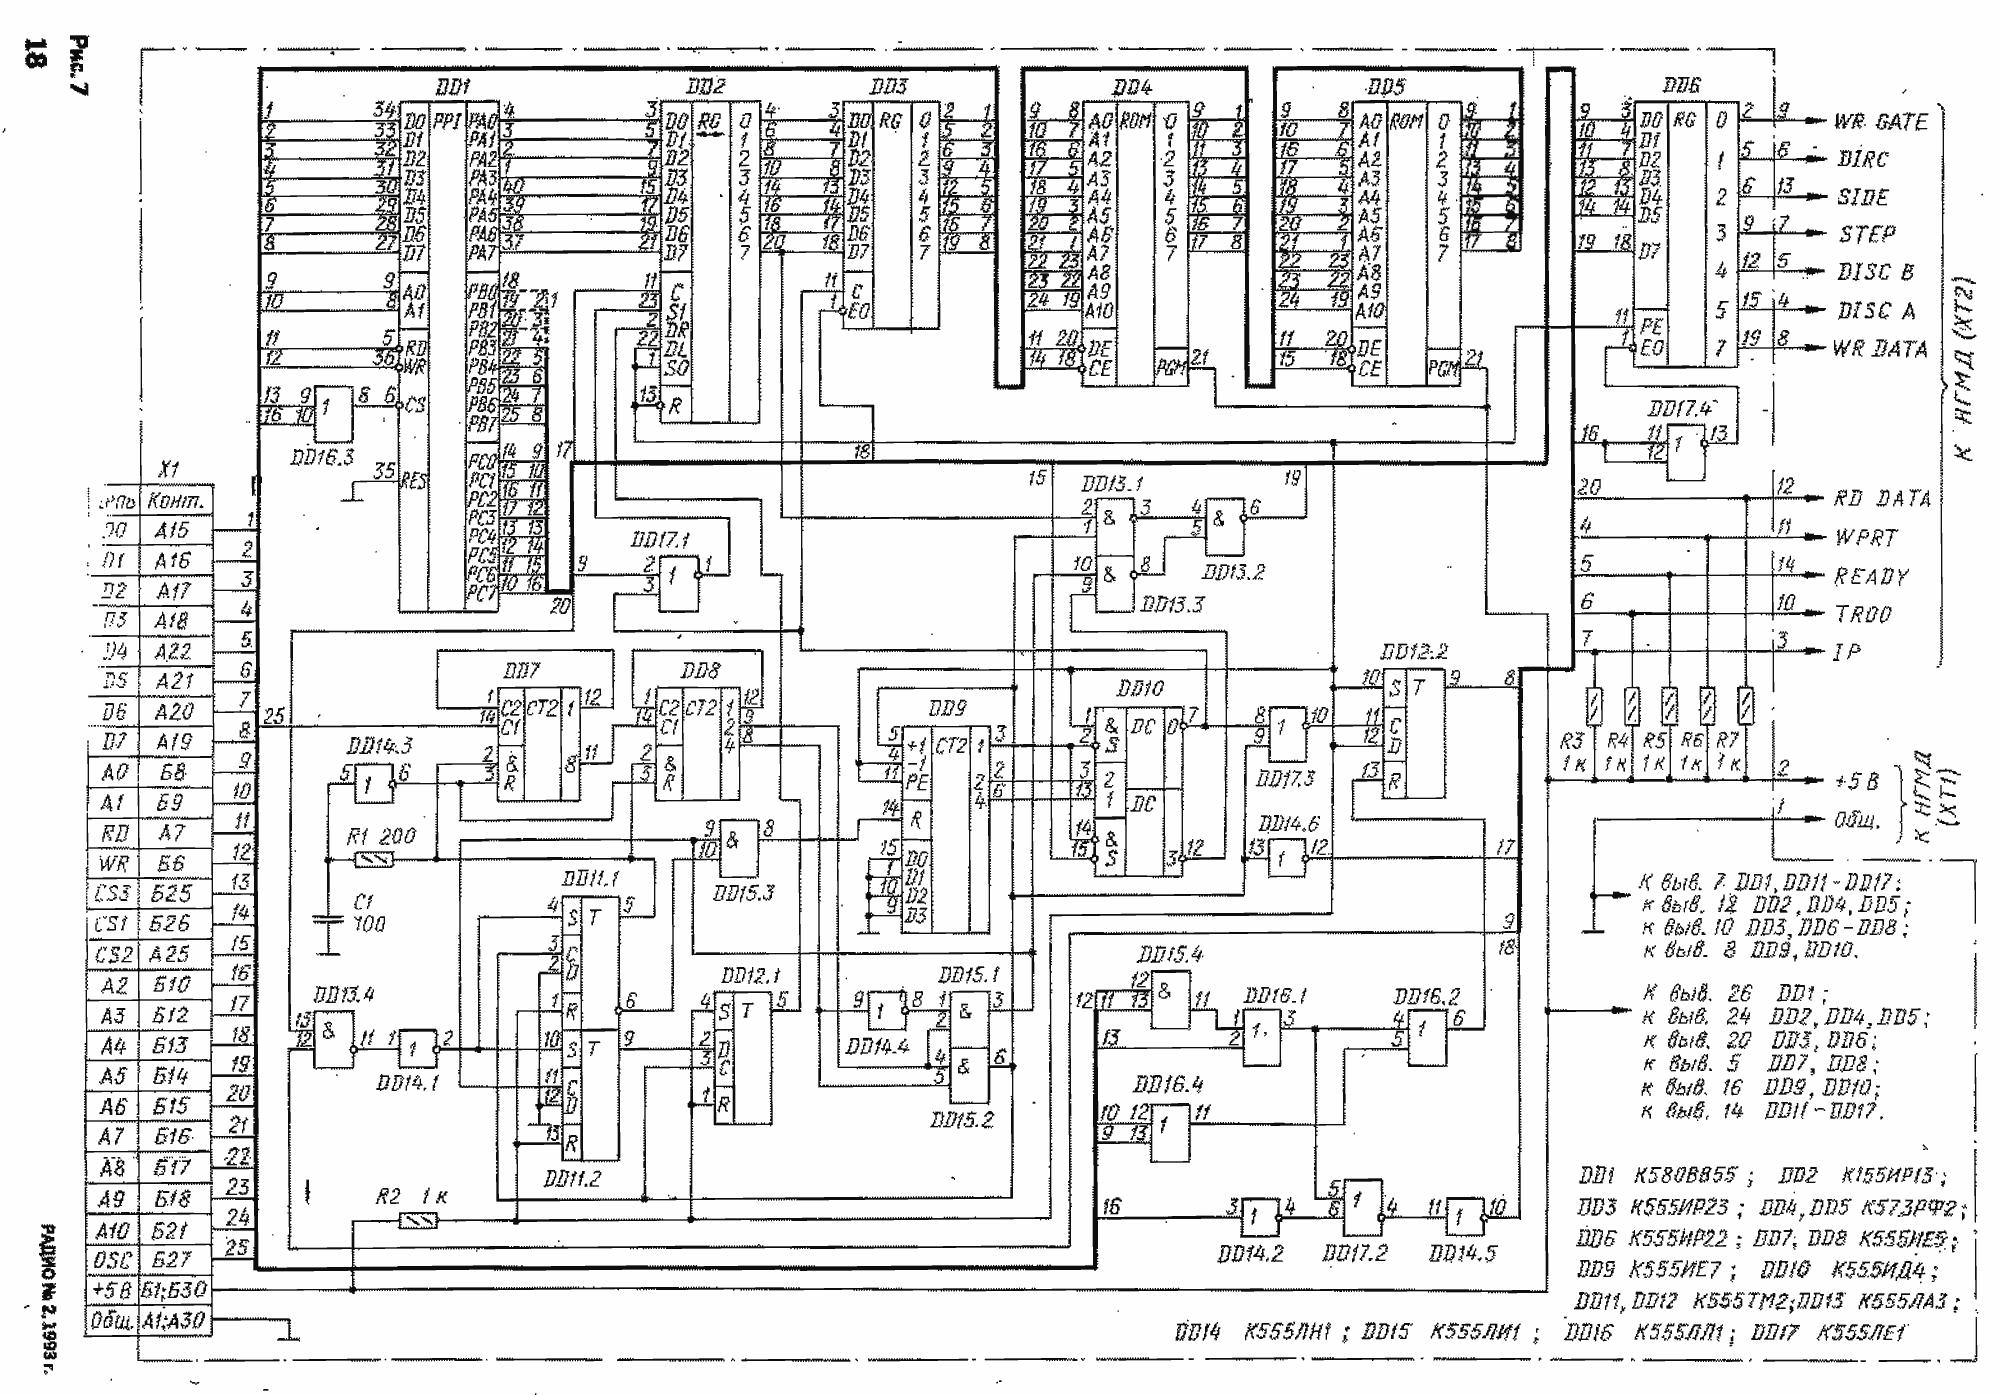 рет-22-23 схема распиновка